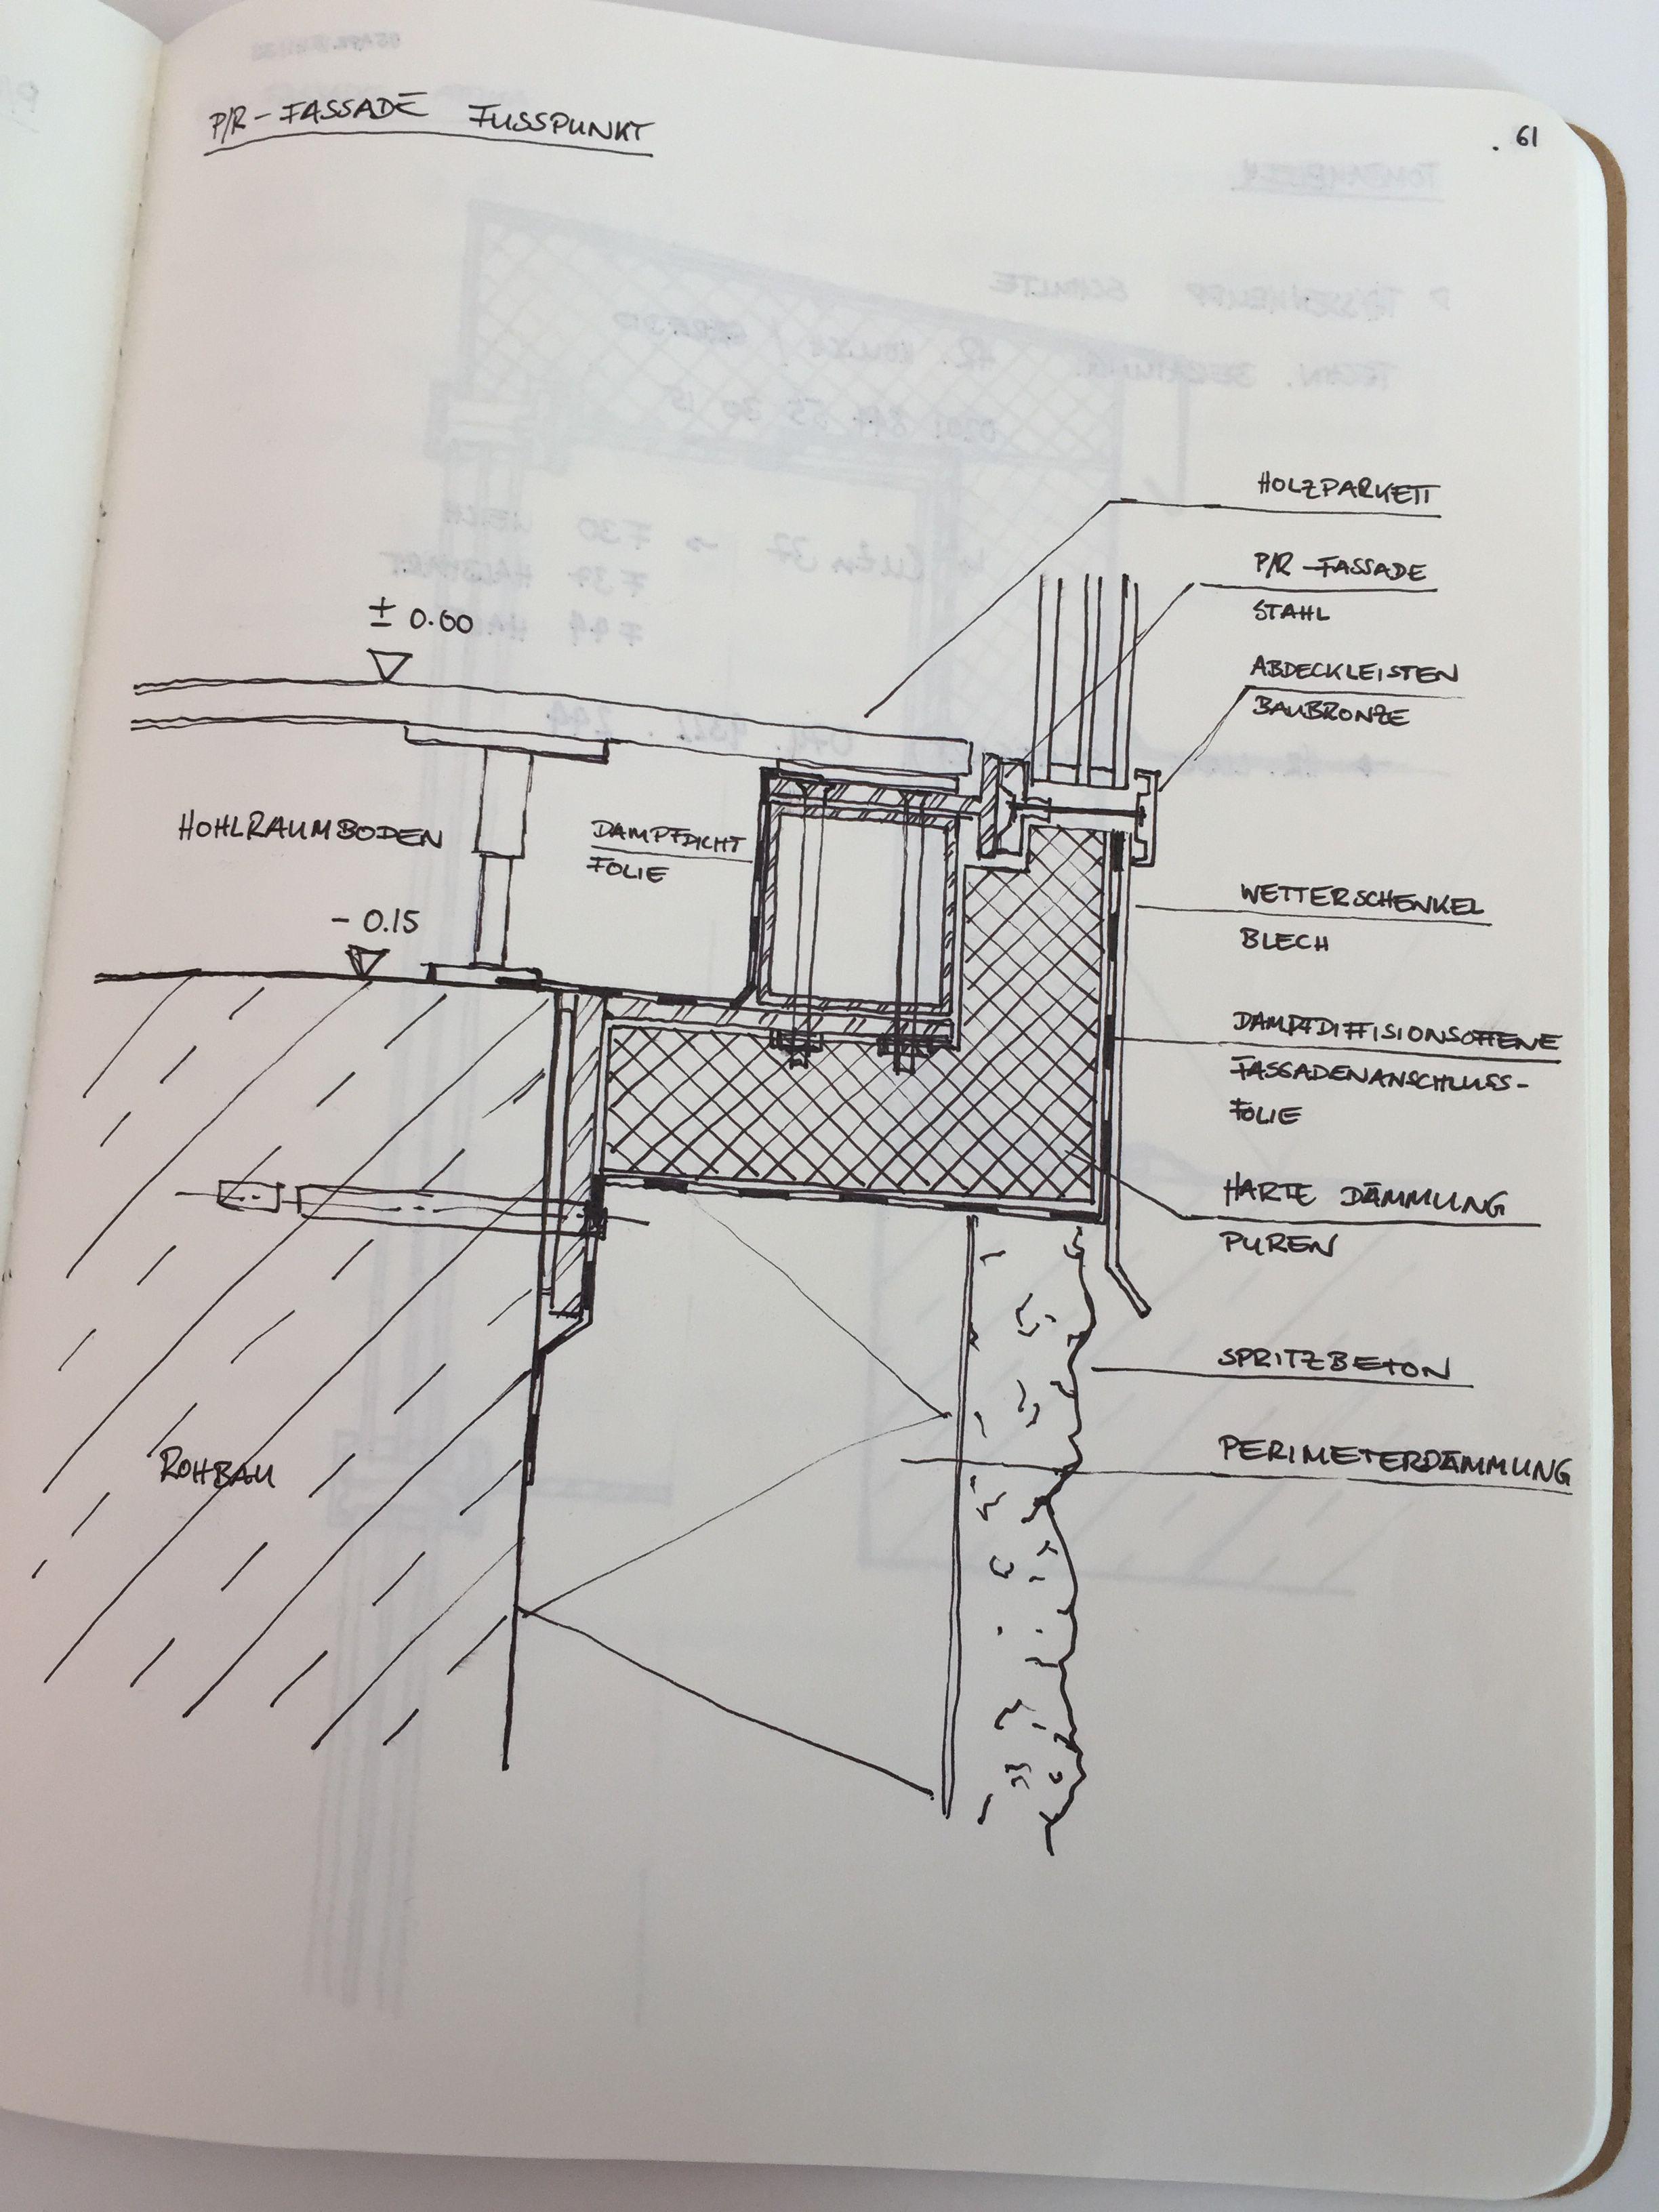 Arde 16 PR Fassade Steel Stahl Glas Architecture